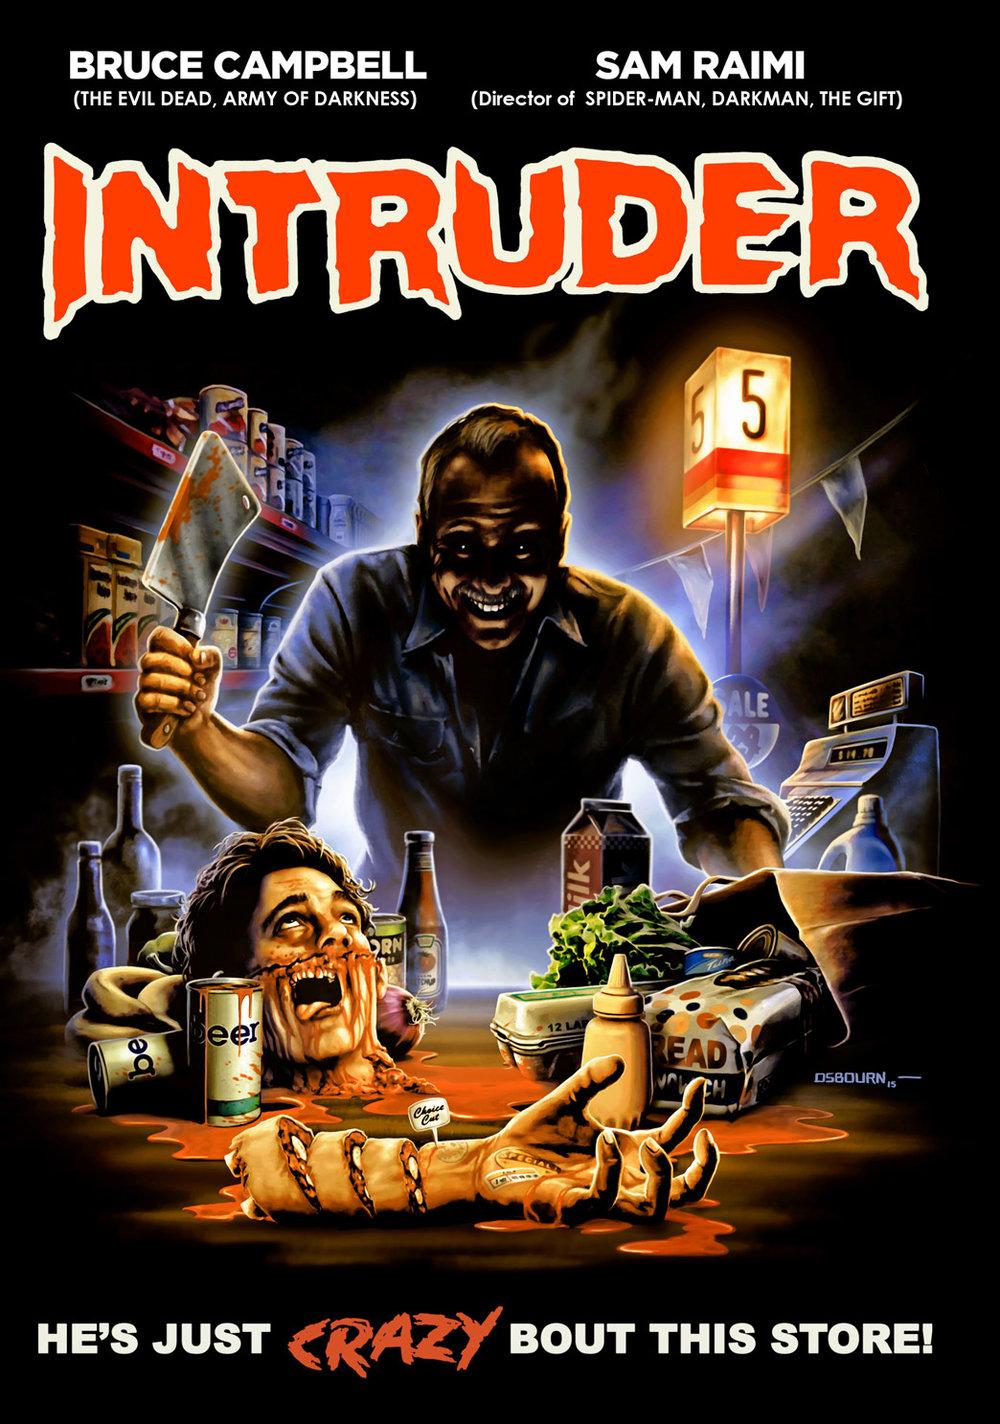 intruder-variant-wrap-signed-front.jpg